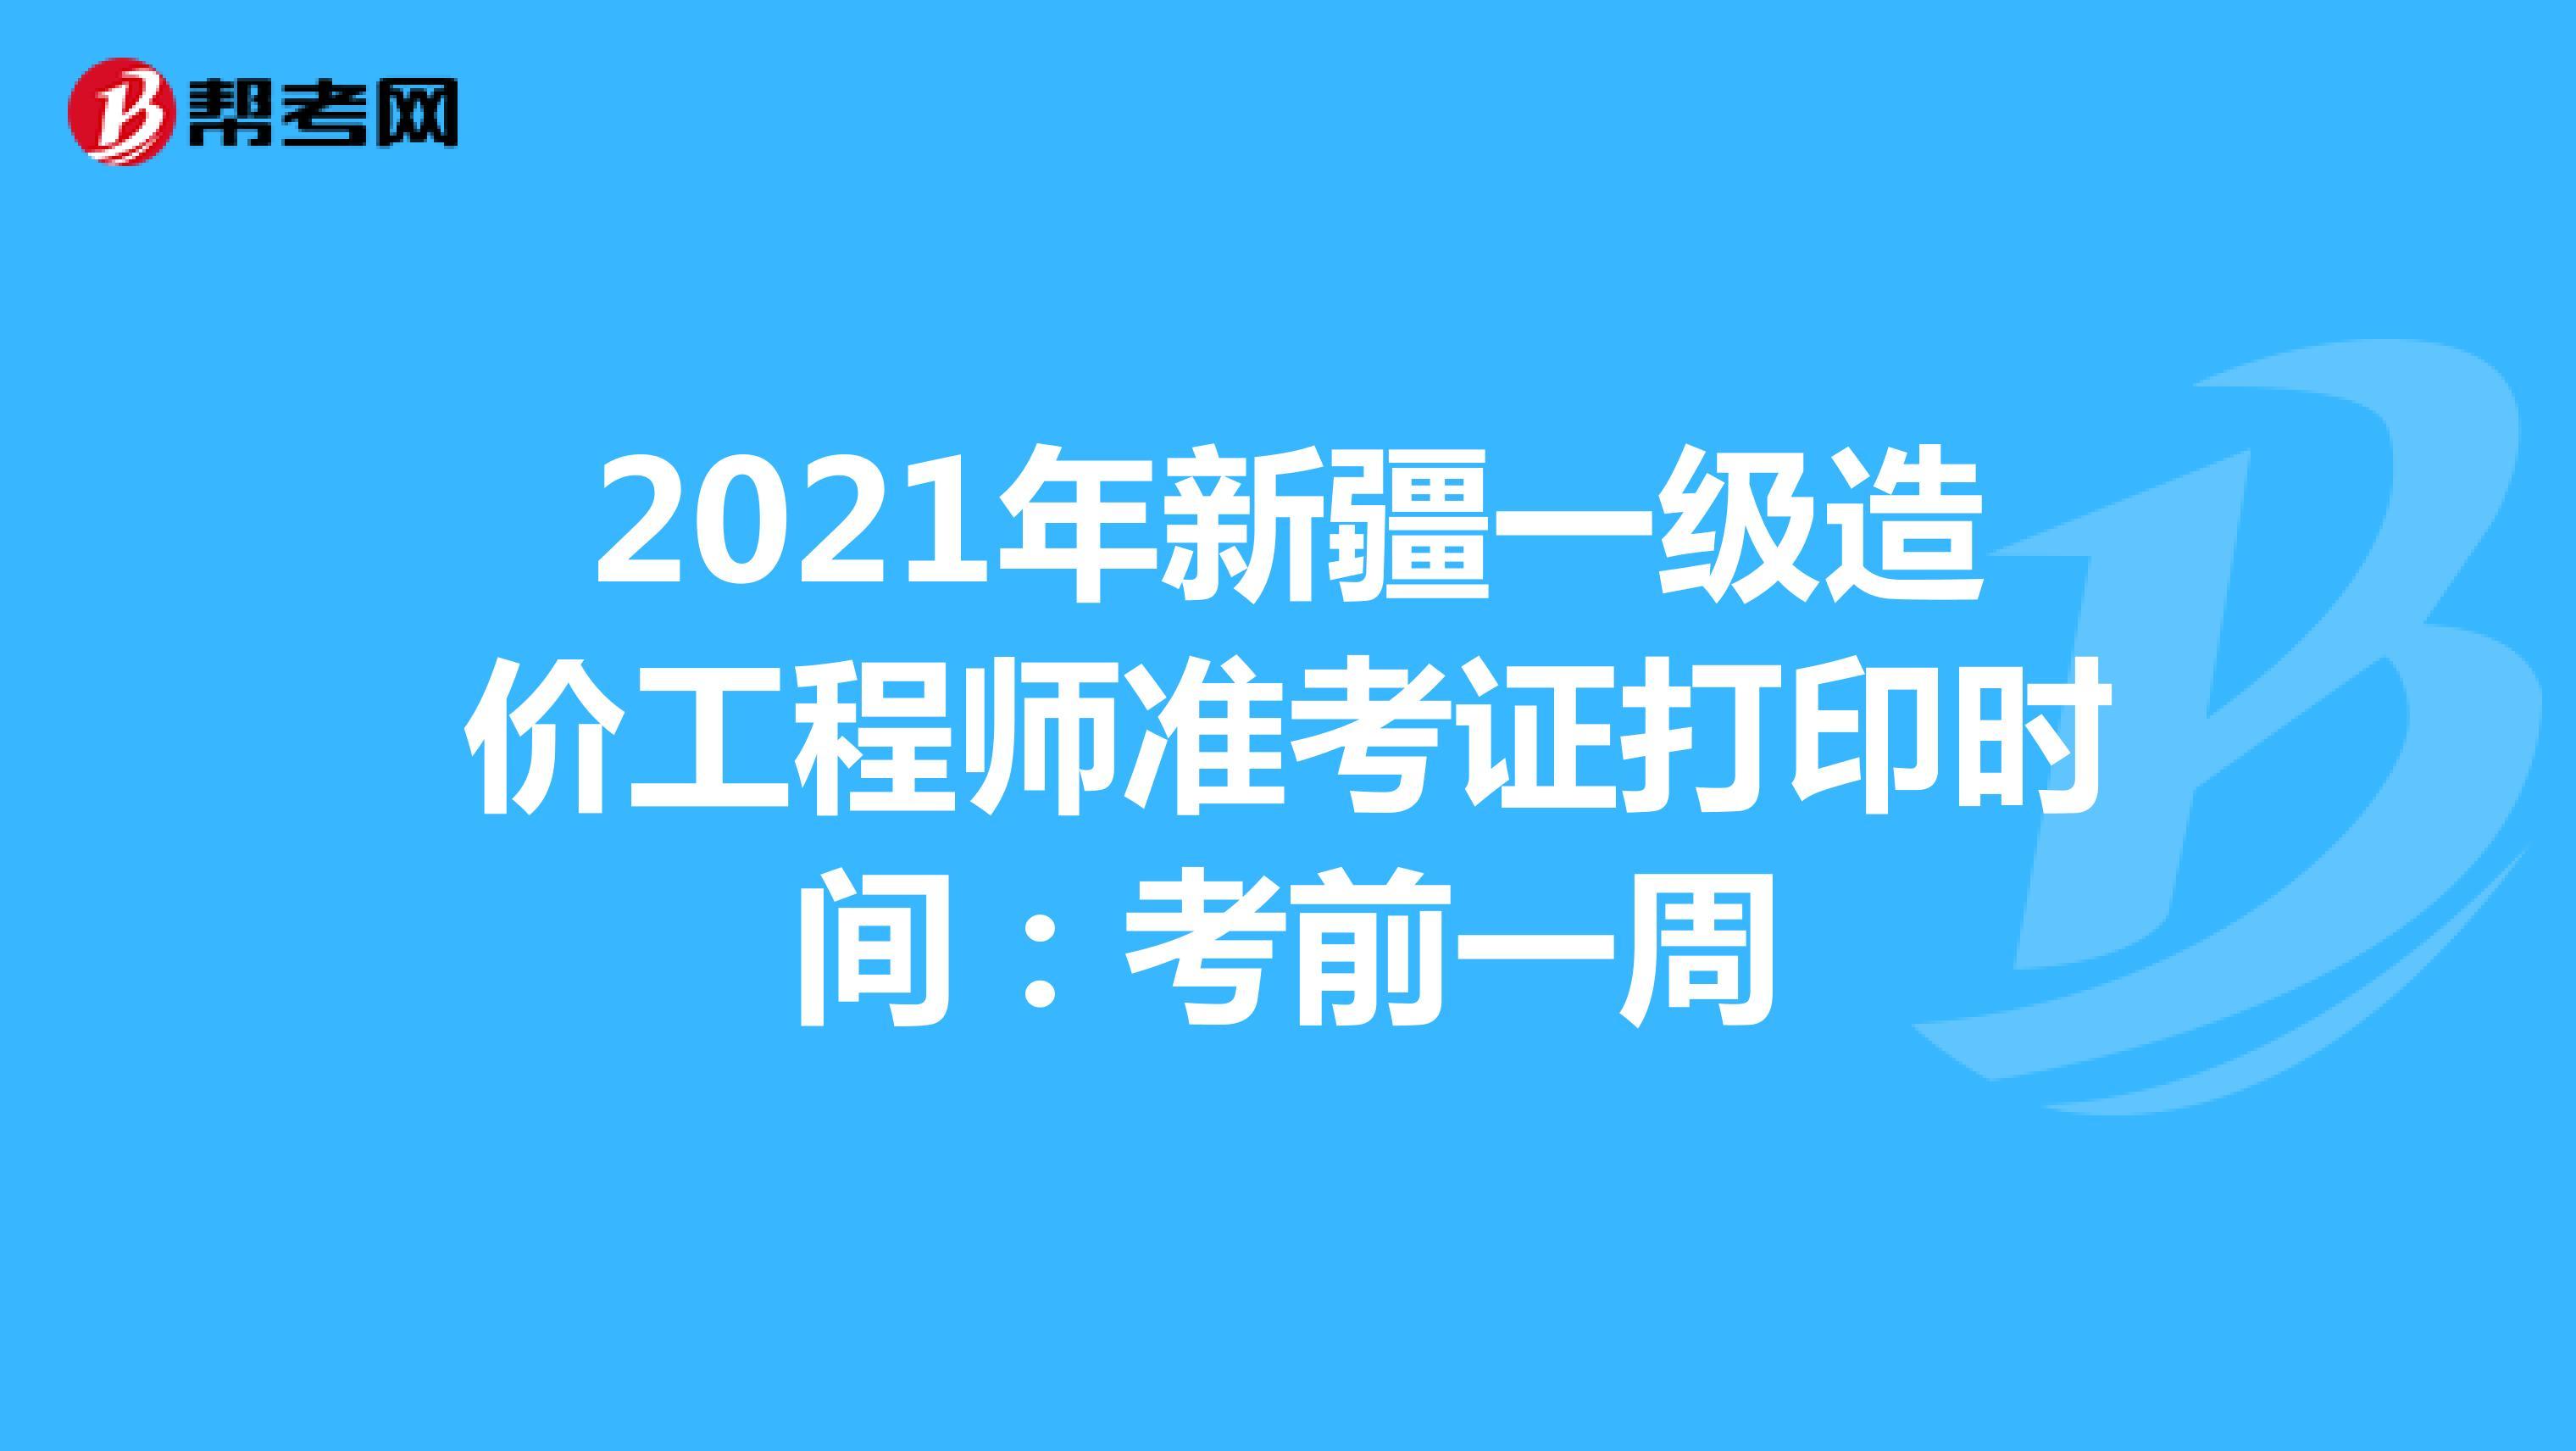 2021年新疆一级造价工程师准考证打印时间:考前一周